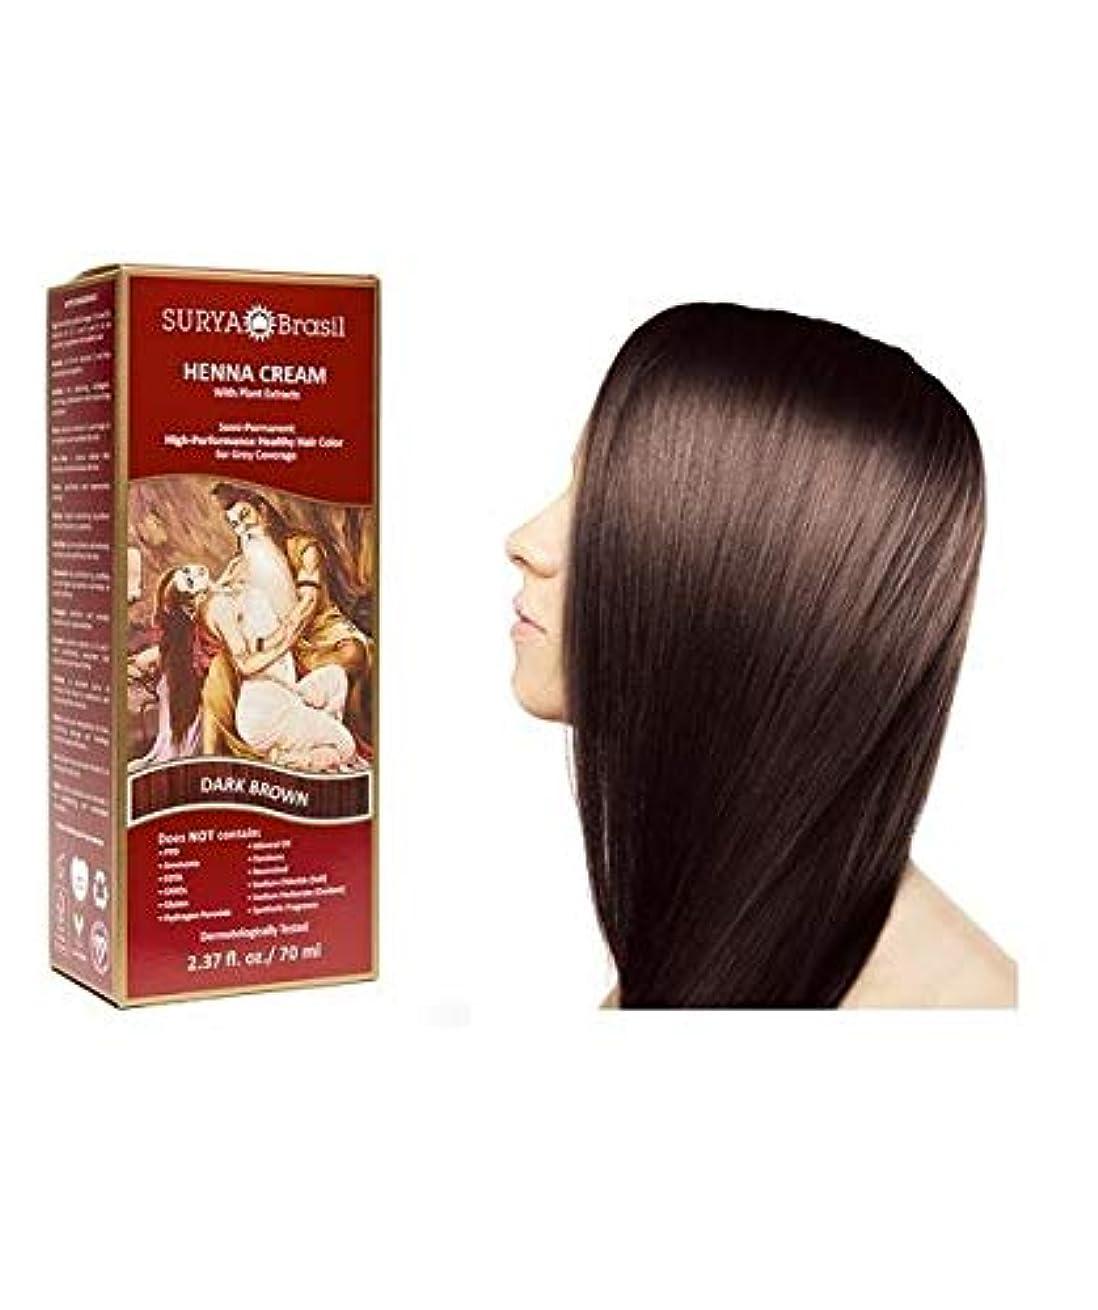 博覧会賛辞会うSurya Henna Henna Cream High-Performance Healthy Hair Color for Grey Coverage Dark Brown 2 37 fl oz 70 ml